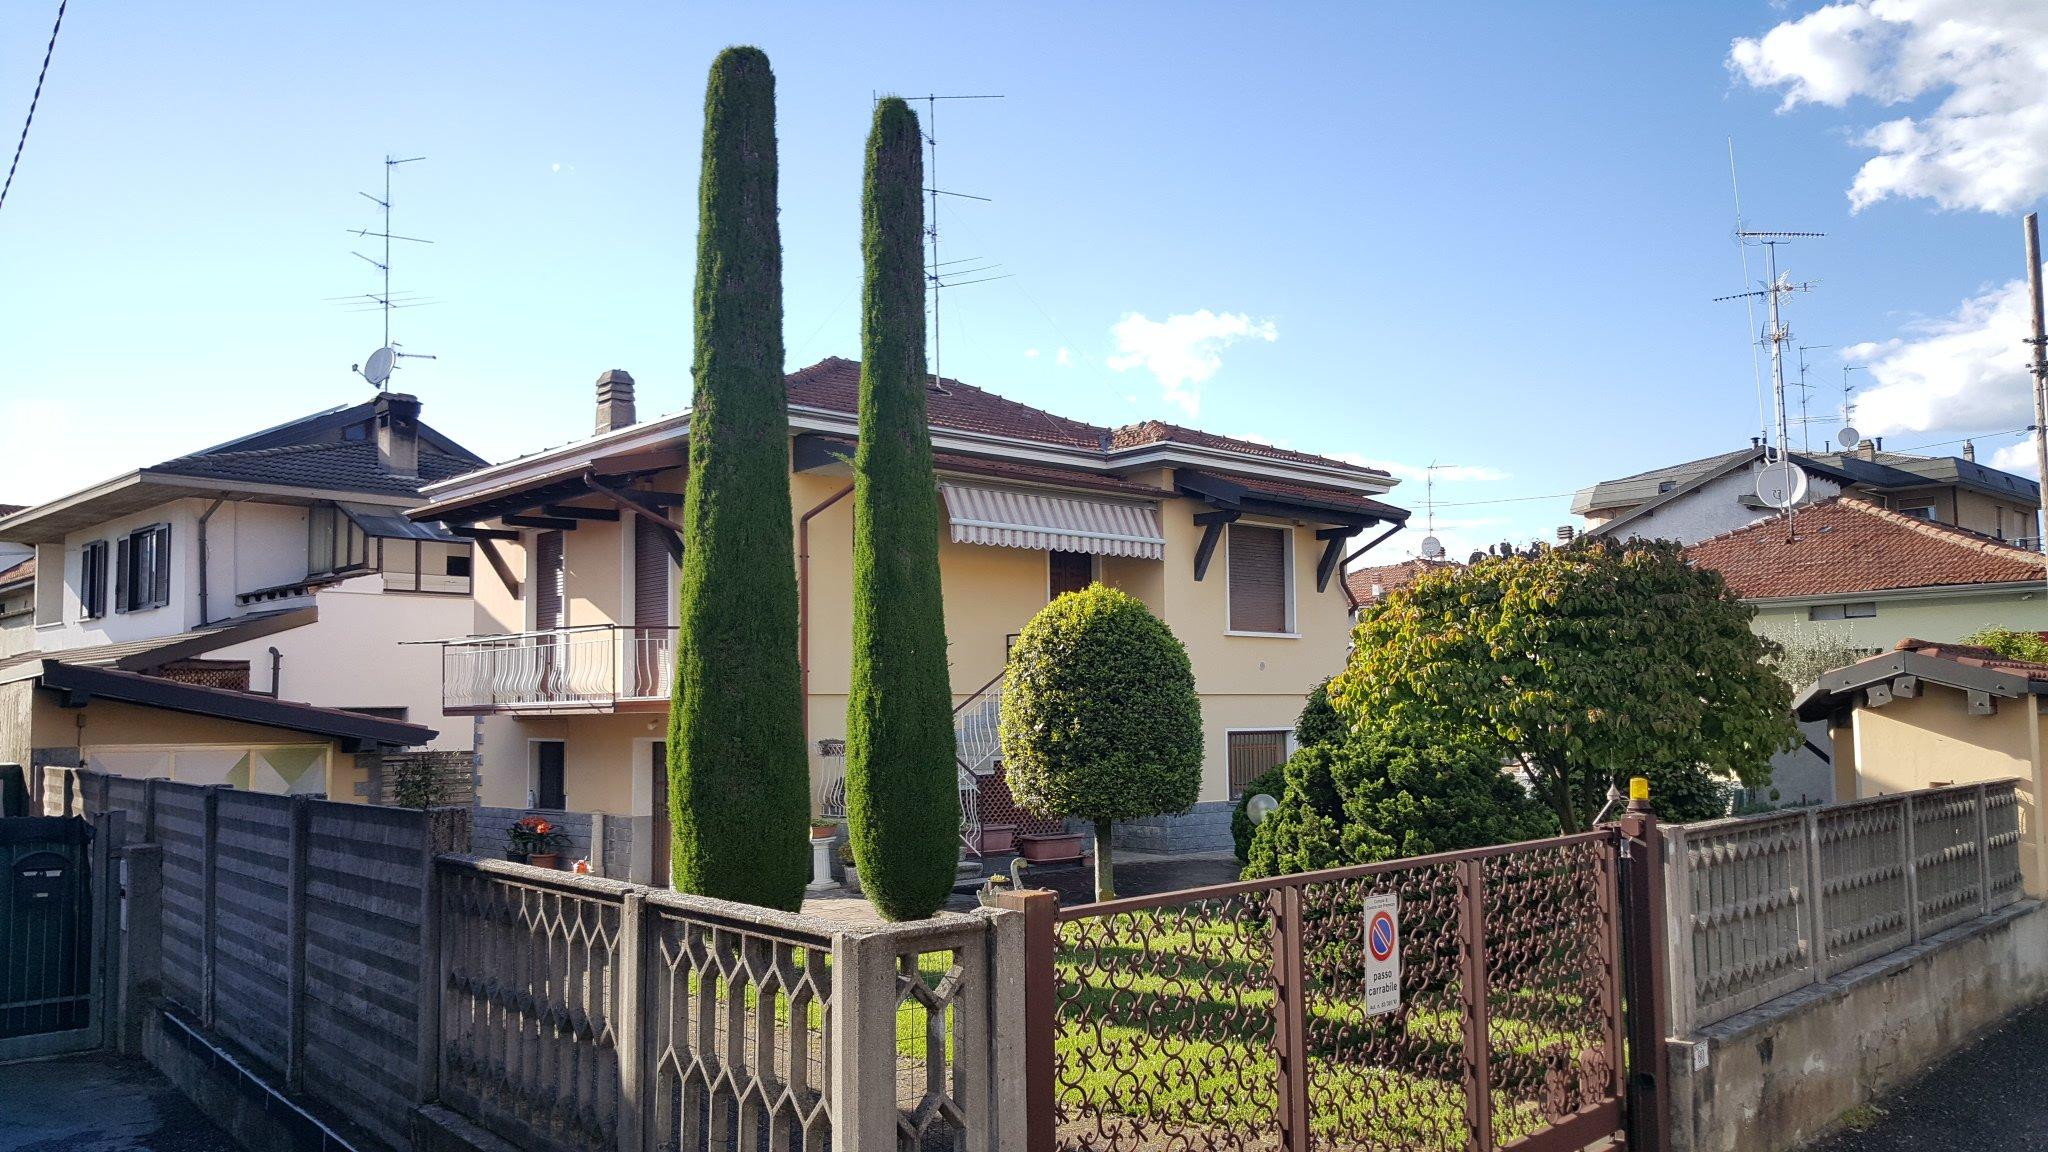 una villetta a schiera in un quartiere residenziale